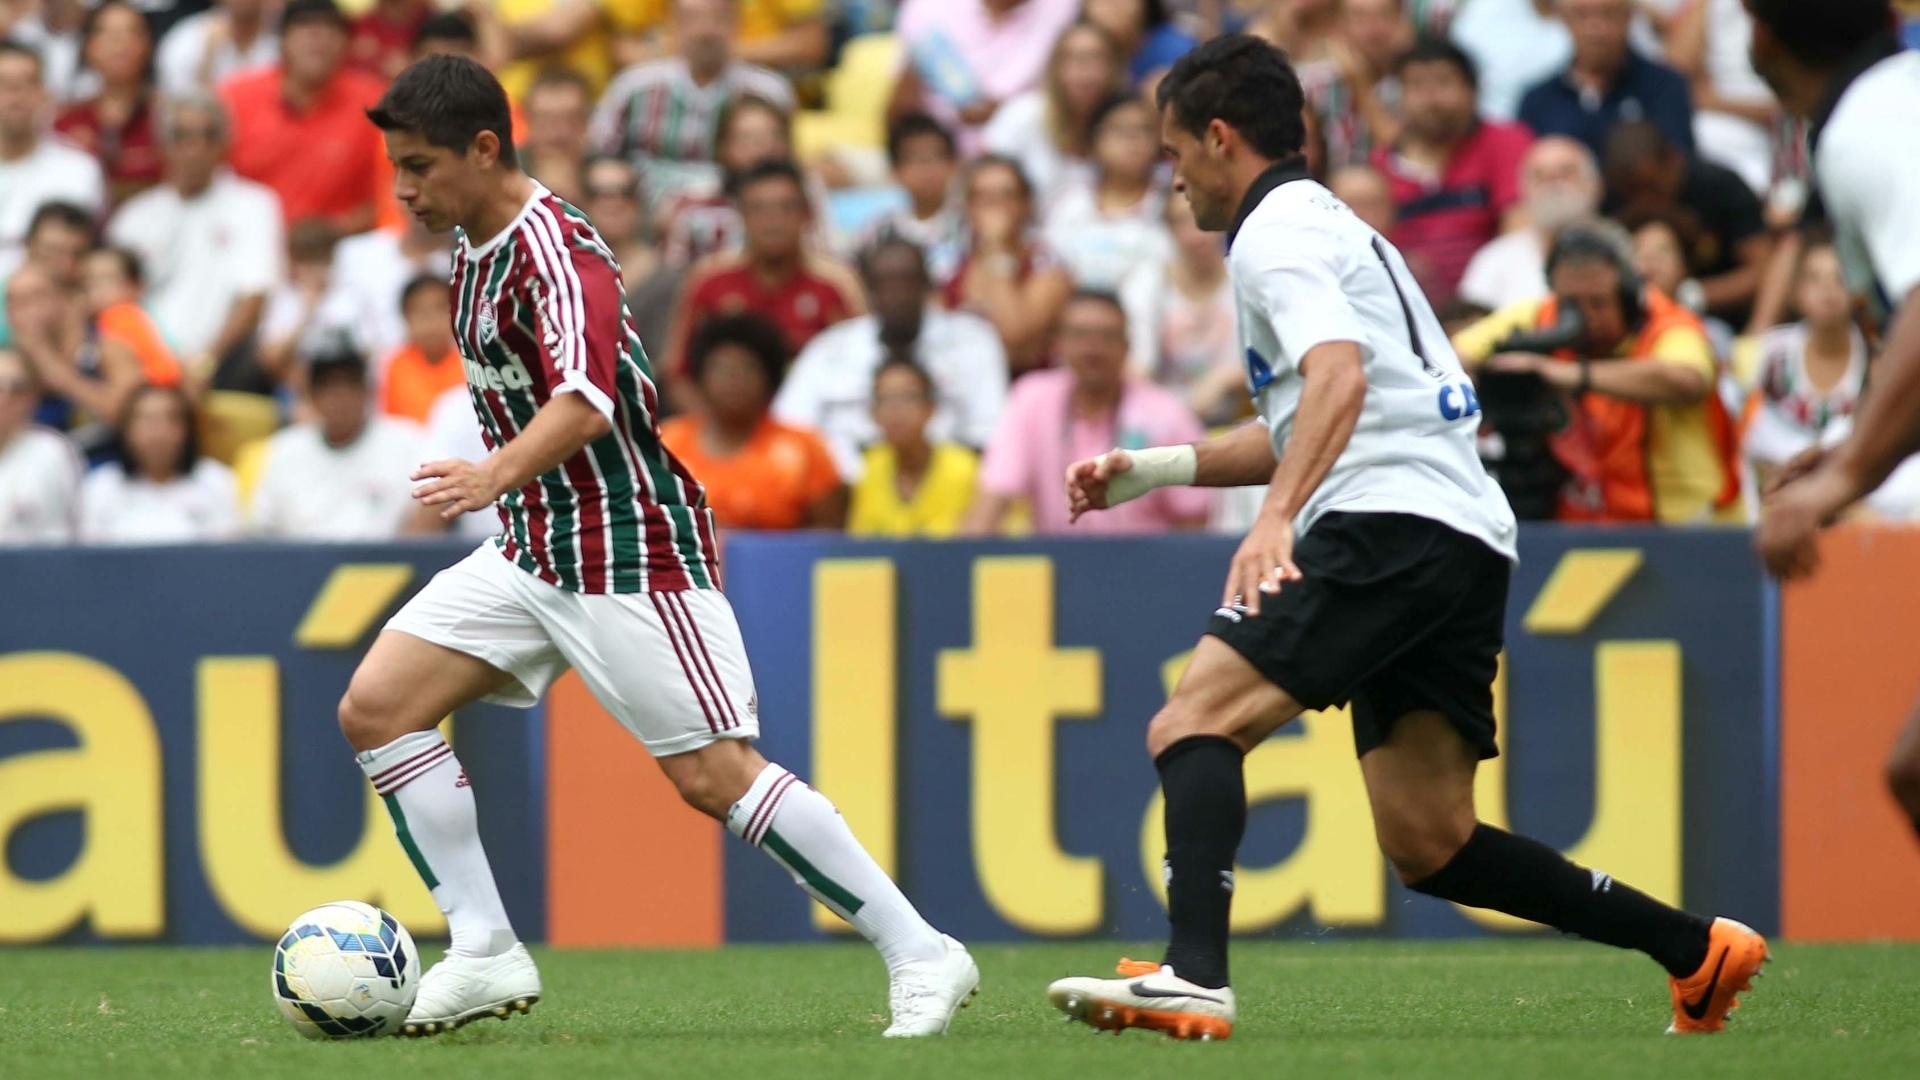 Conca tenta escapar da marcação do Atlético-PR